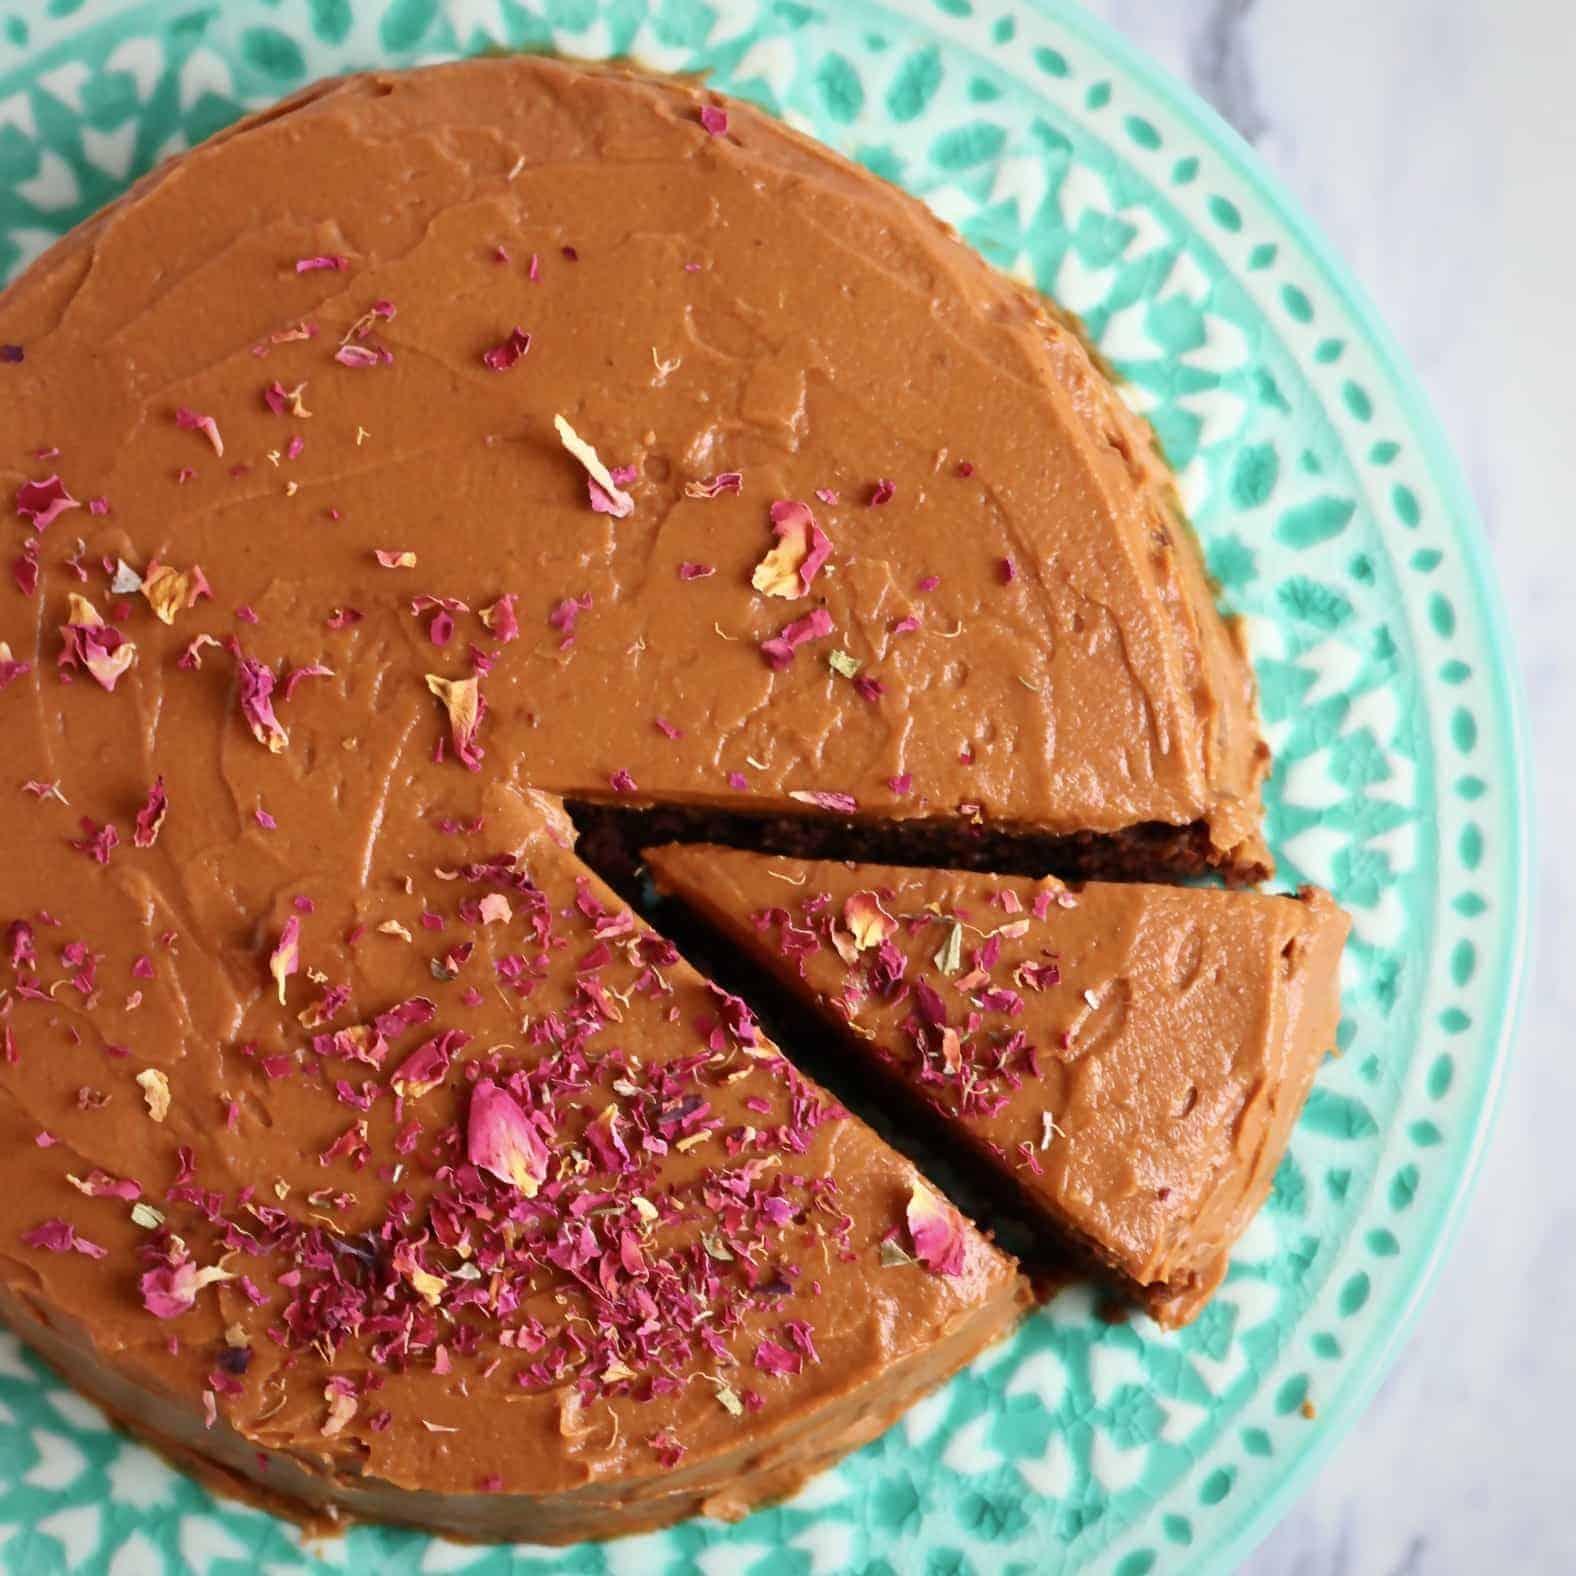 Rawmio Chocolate Truffle Cake